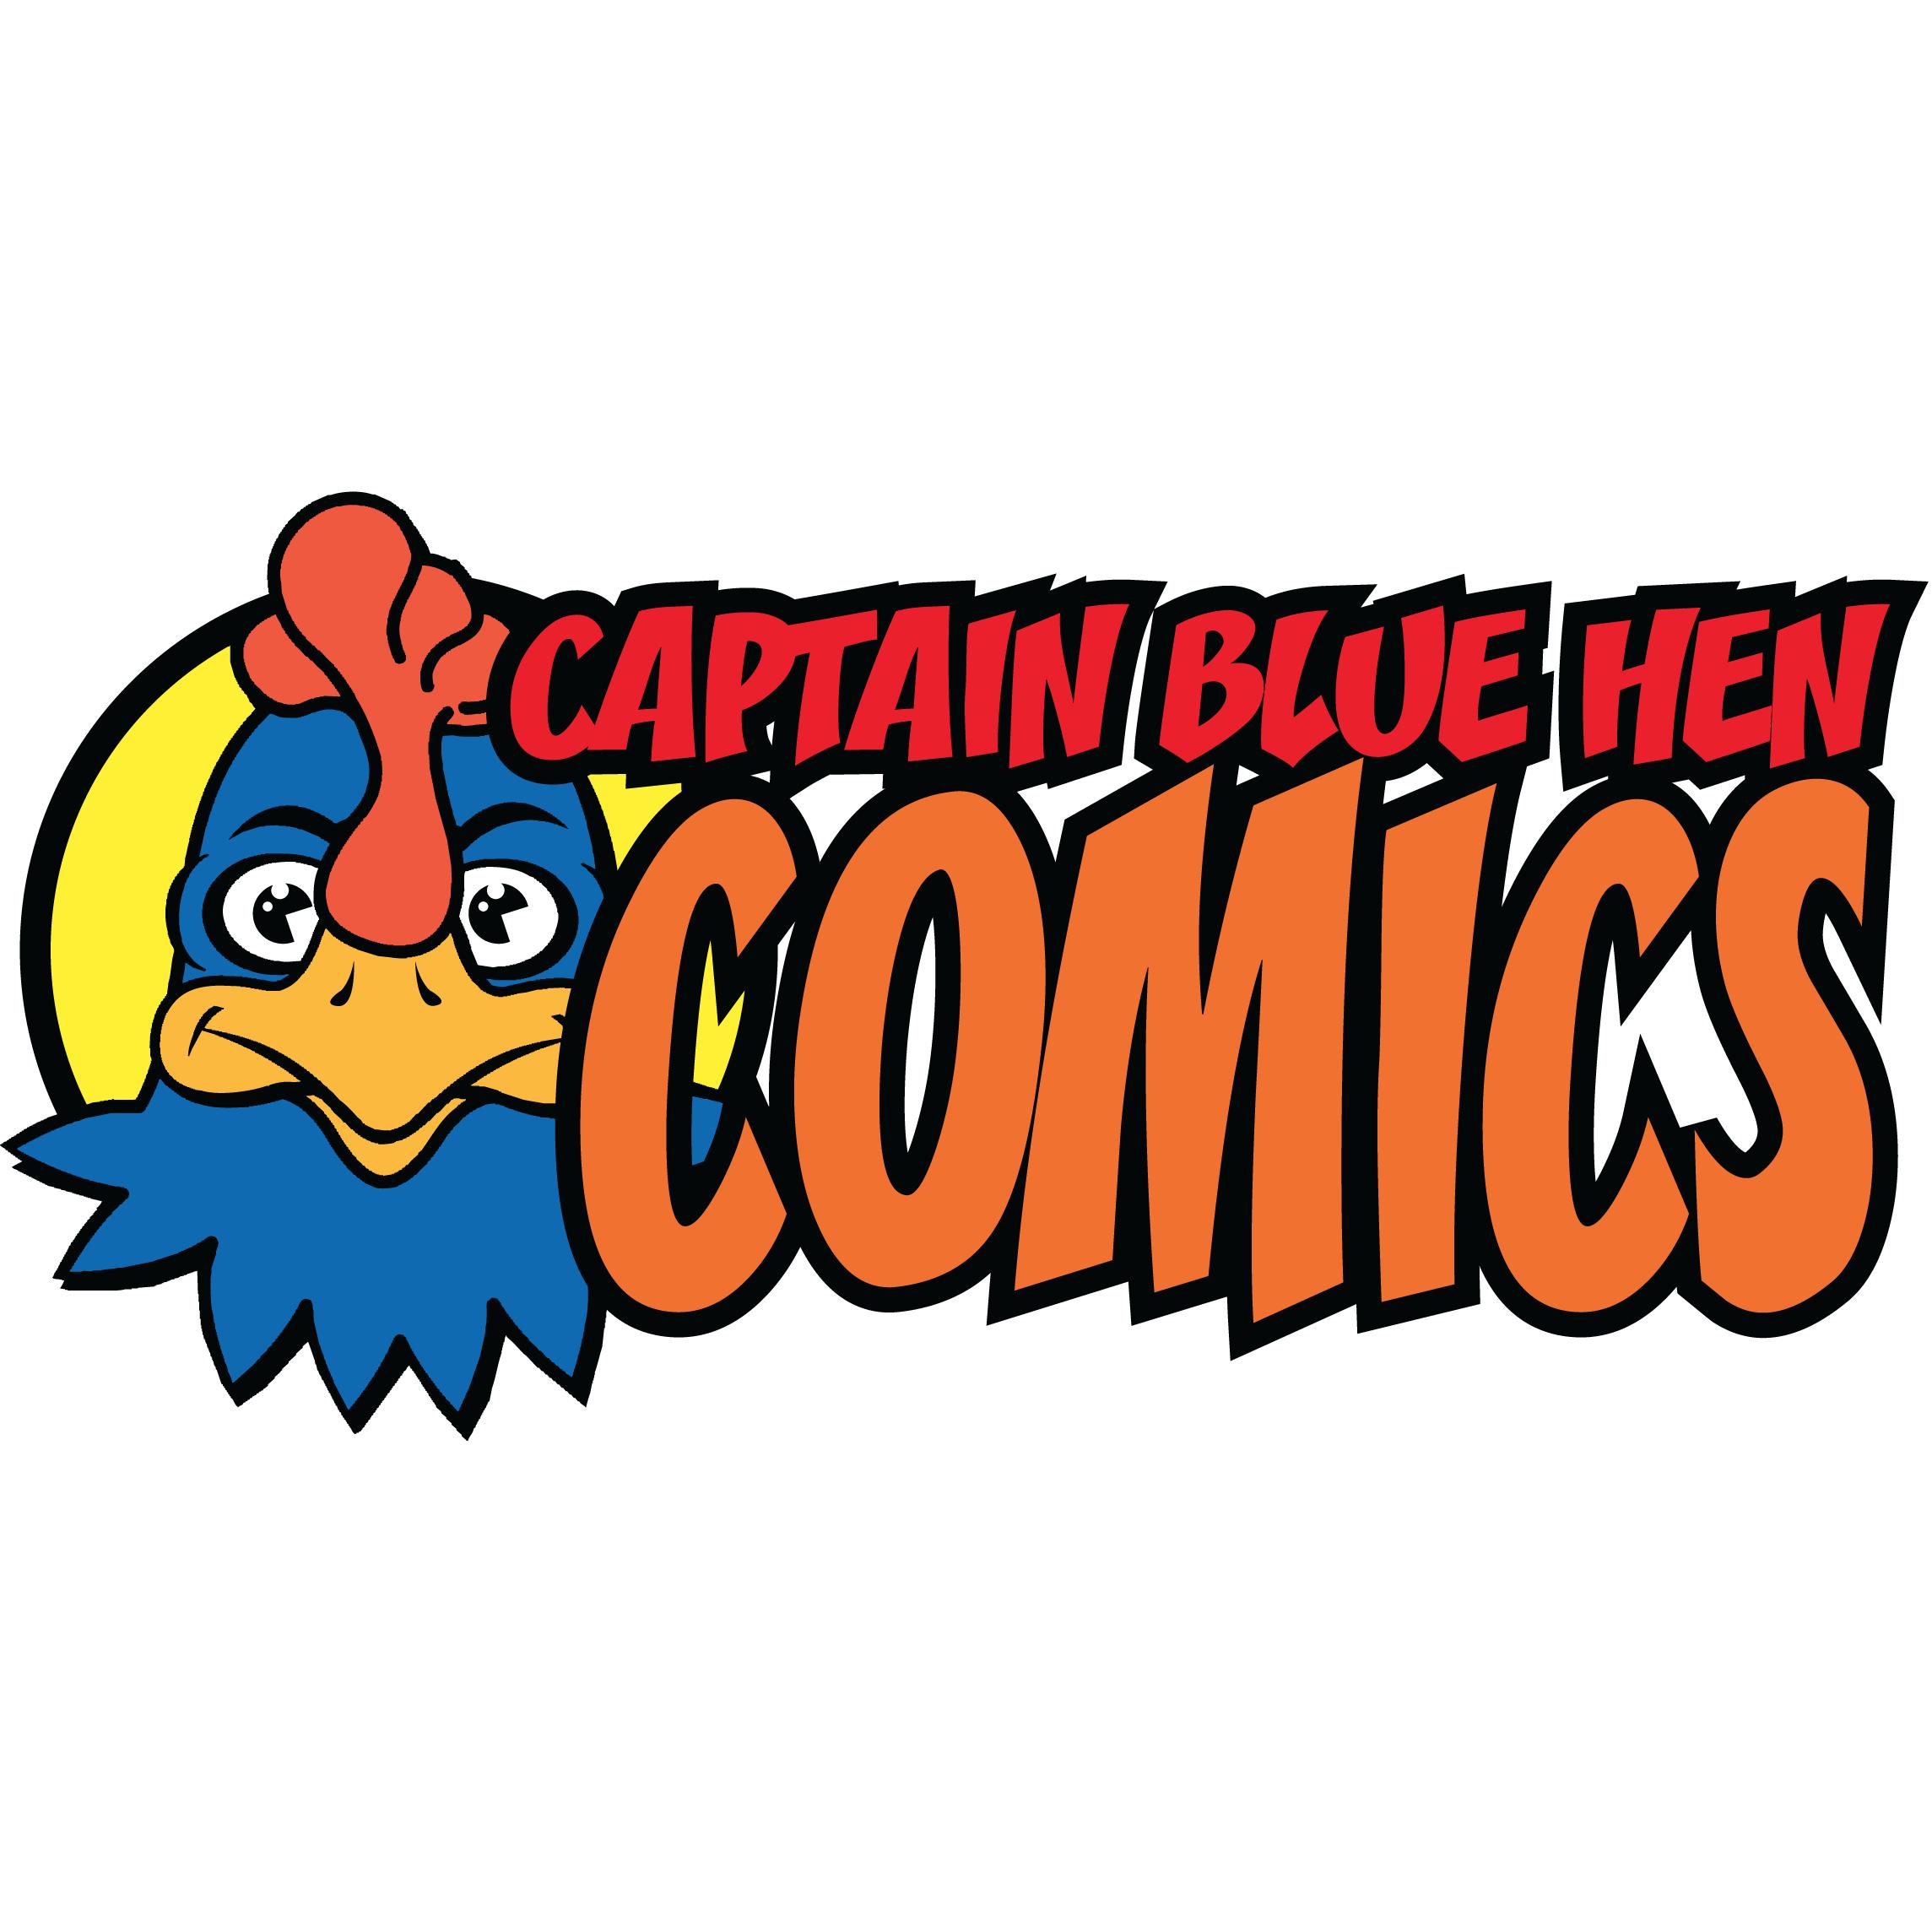 Captain Blue Hen Comics